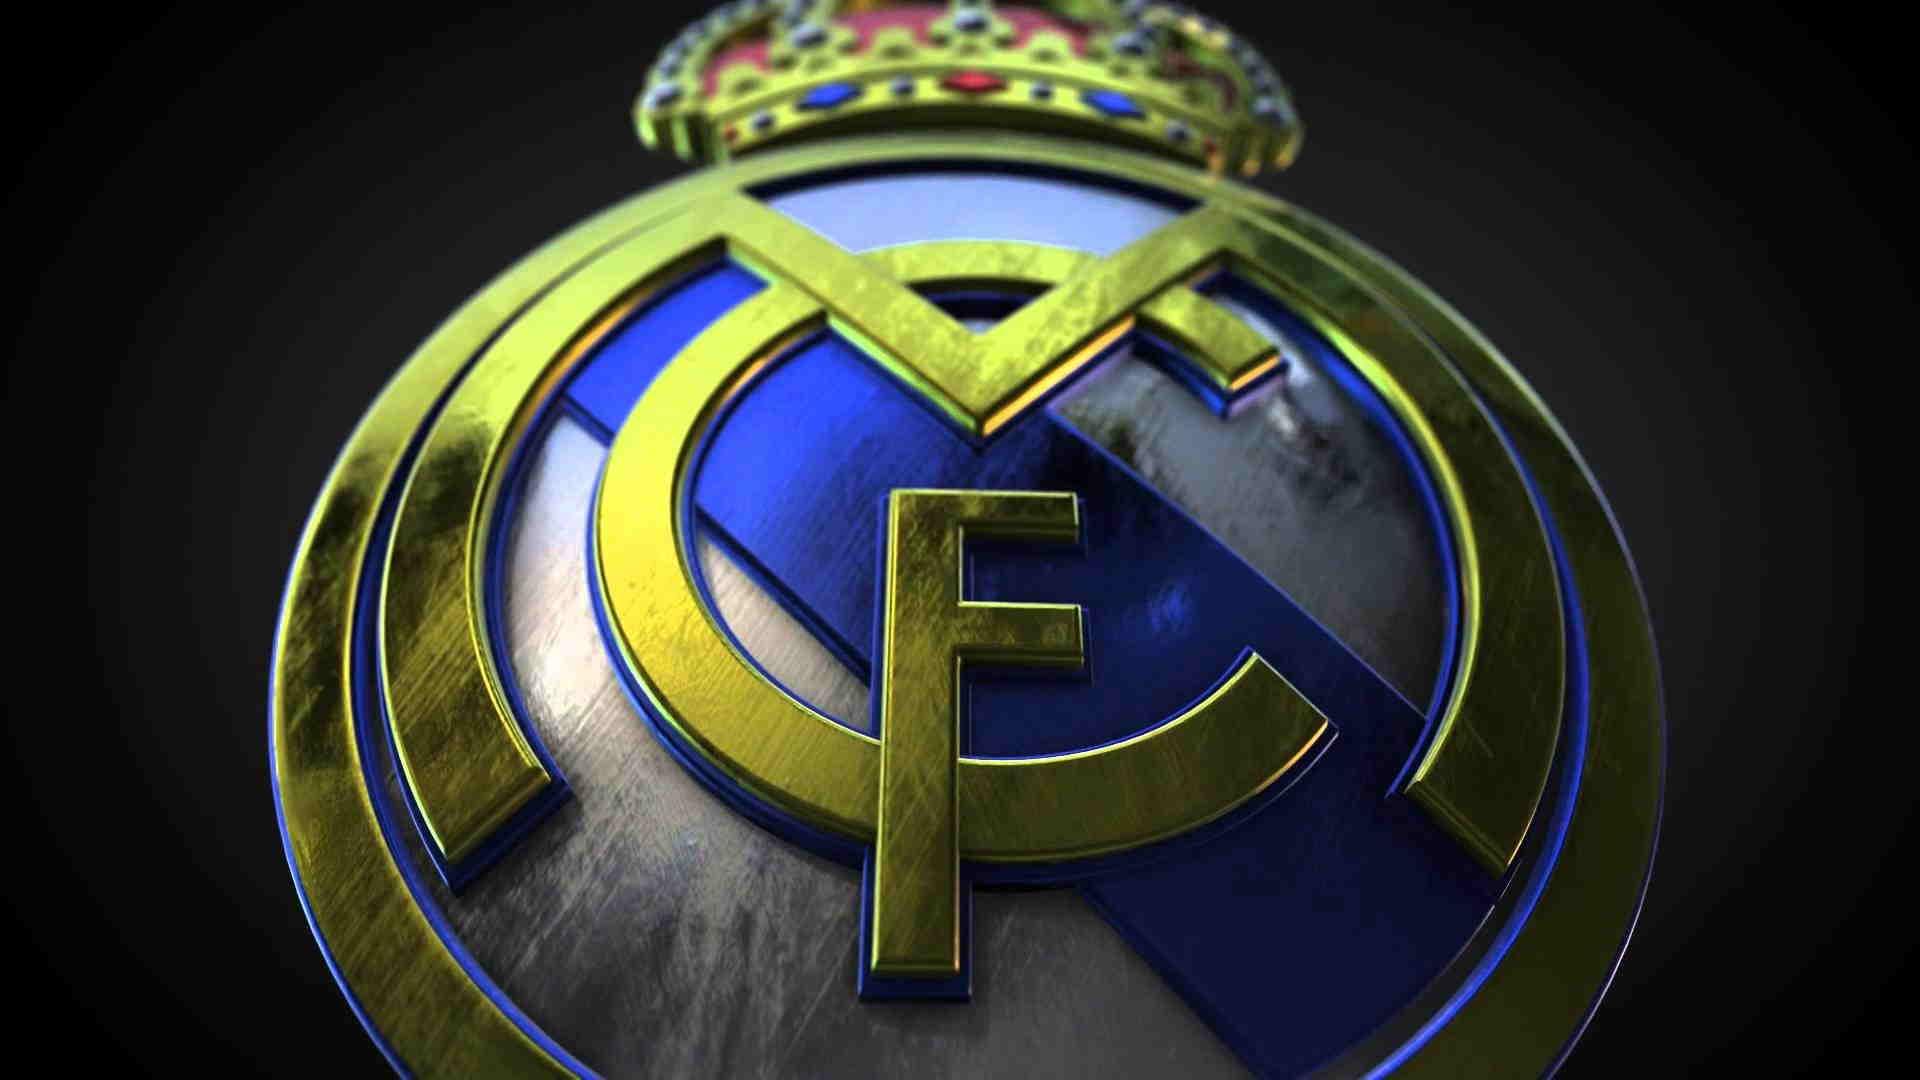 پروفایل دیدنی رئال مادرید با زاویه از پایین